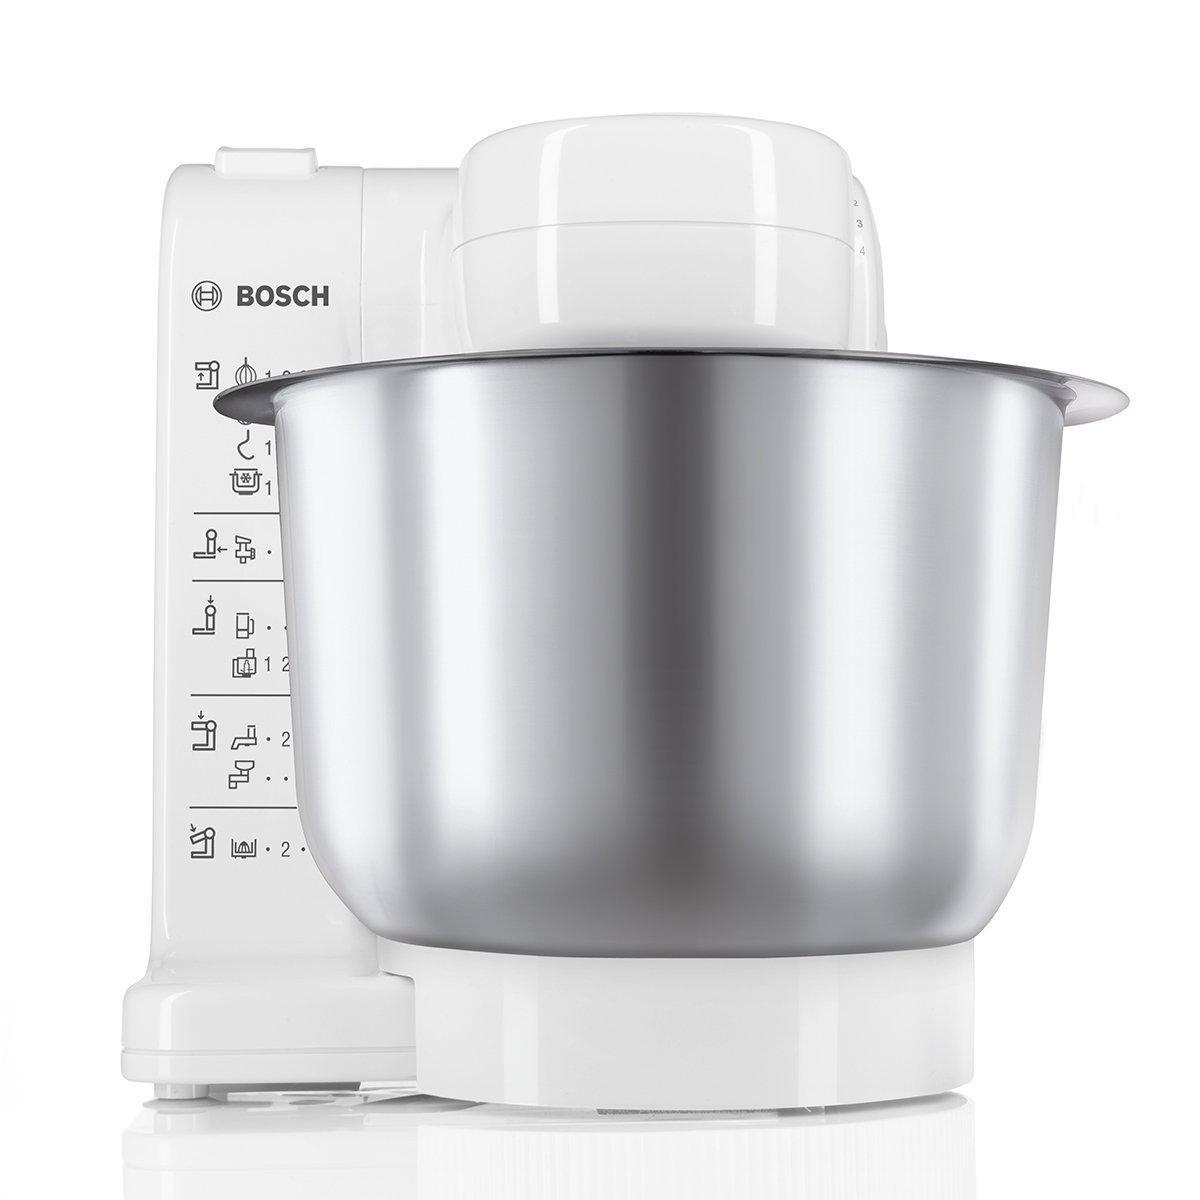 Bosch mum4407 robot de cocina color blanco - Robot cocina amazon ...